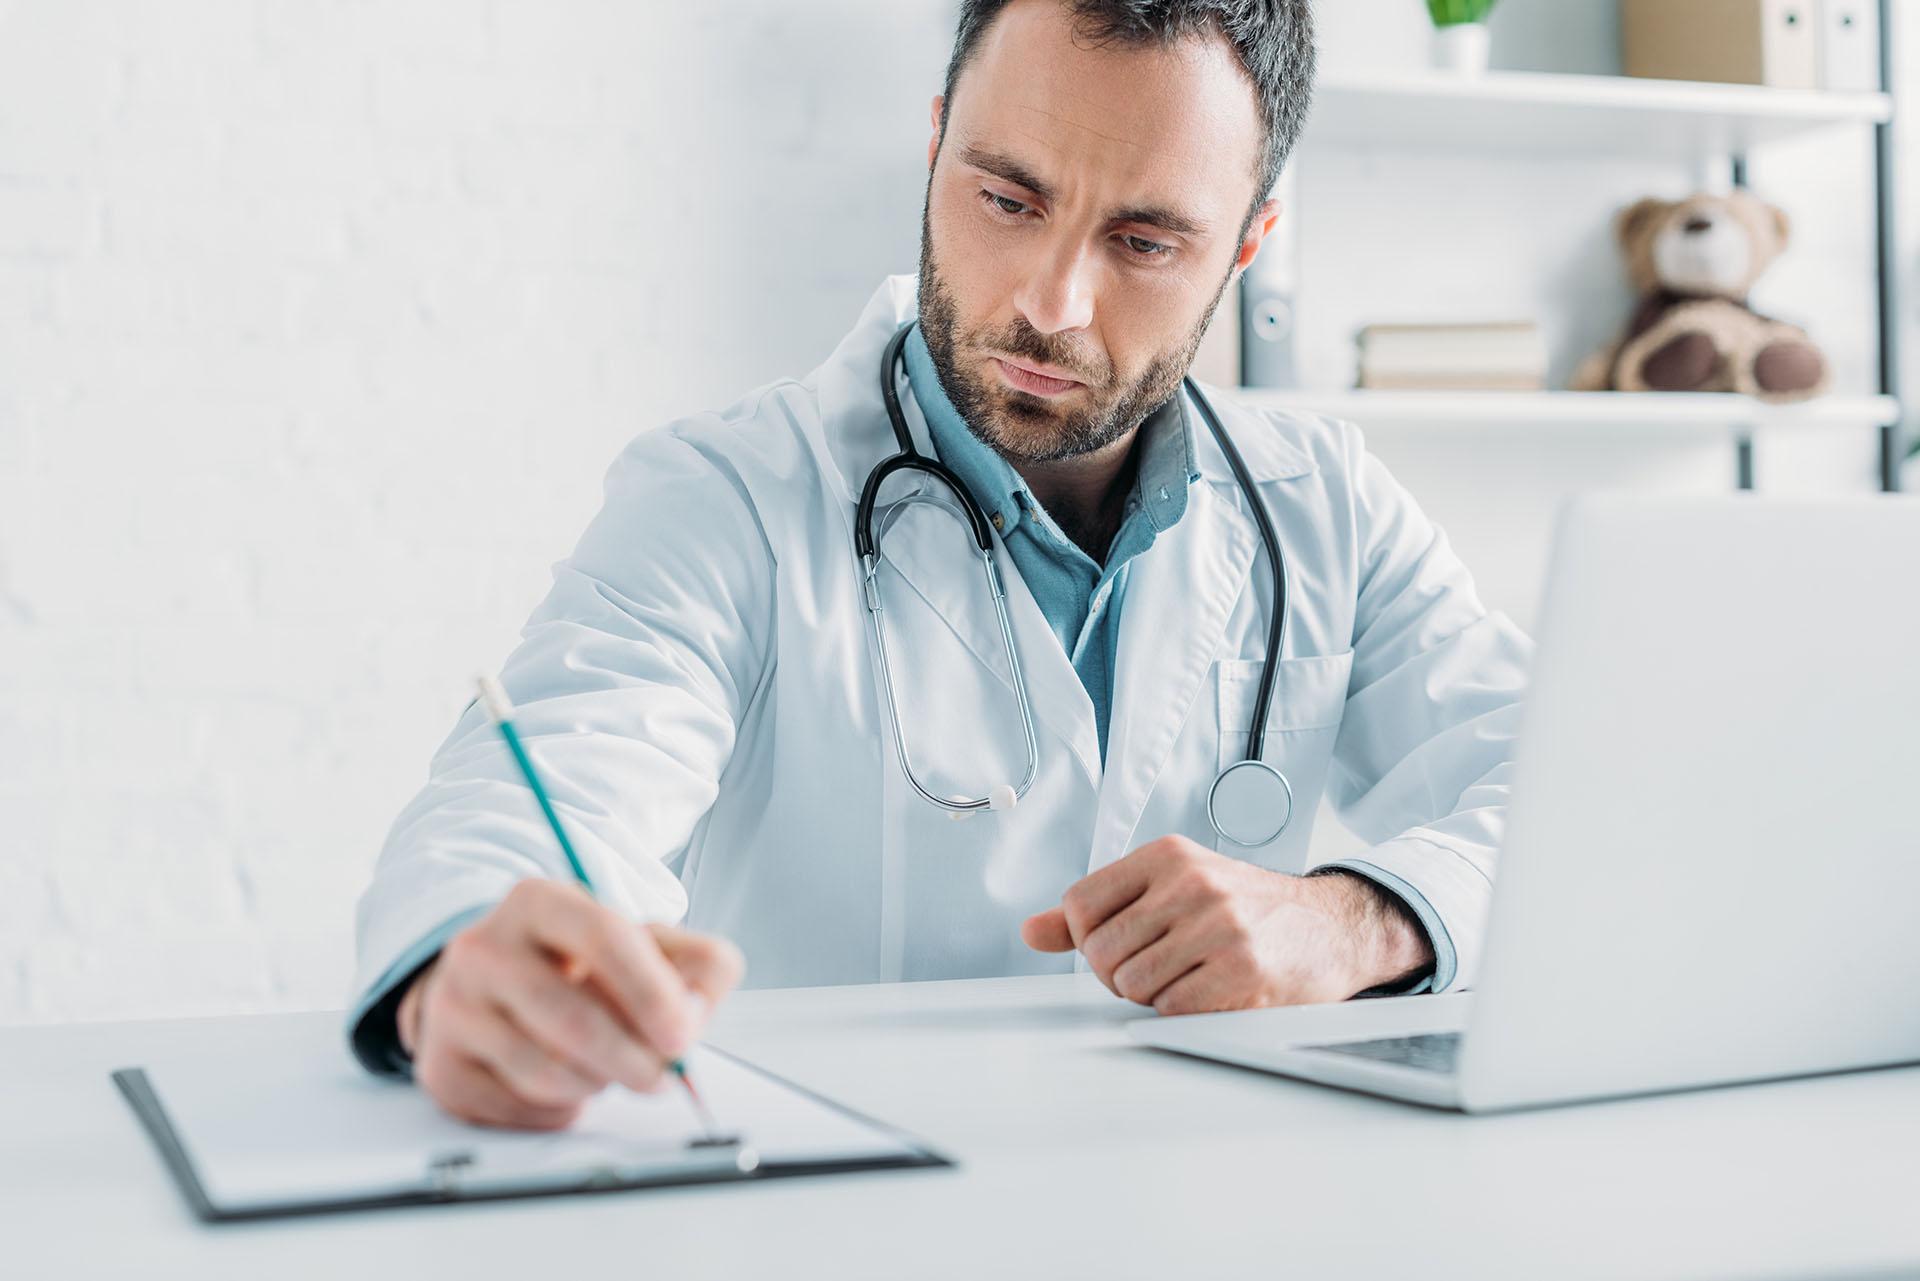 Ιατρός στο ιατρείο του Δρ Ιωσήφ Βιτάλ